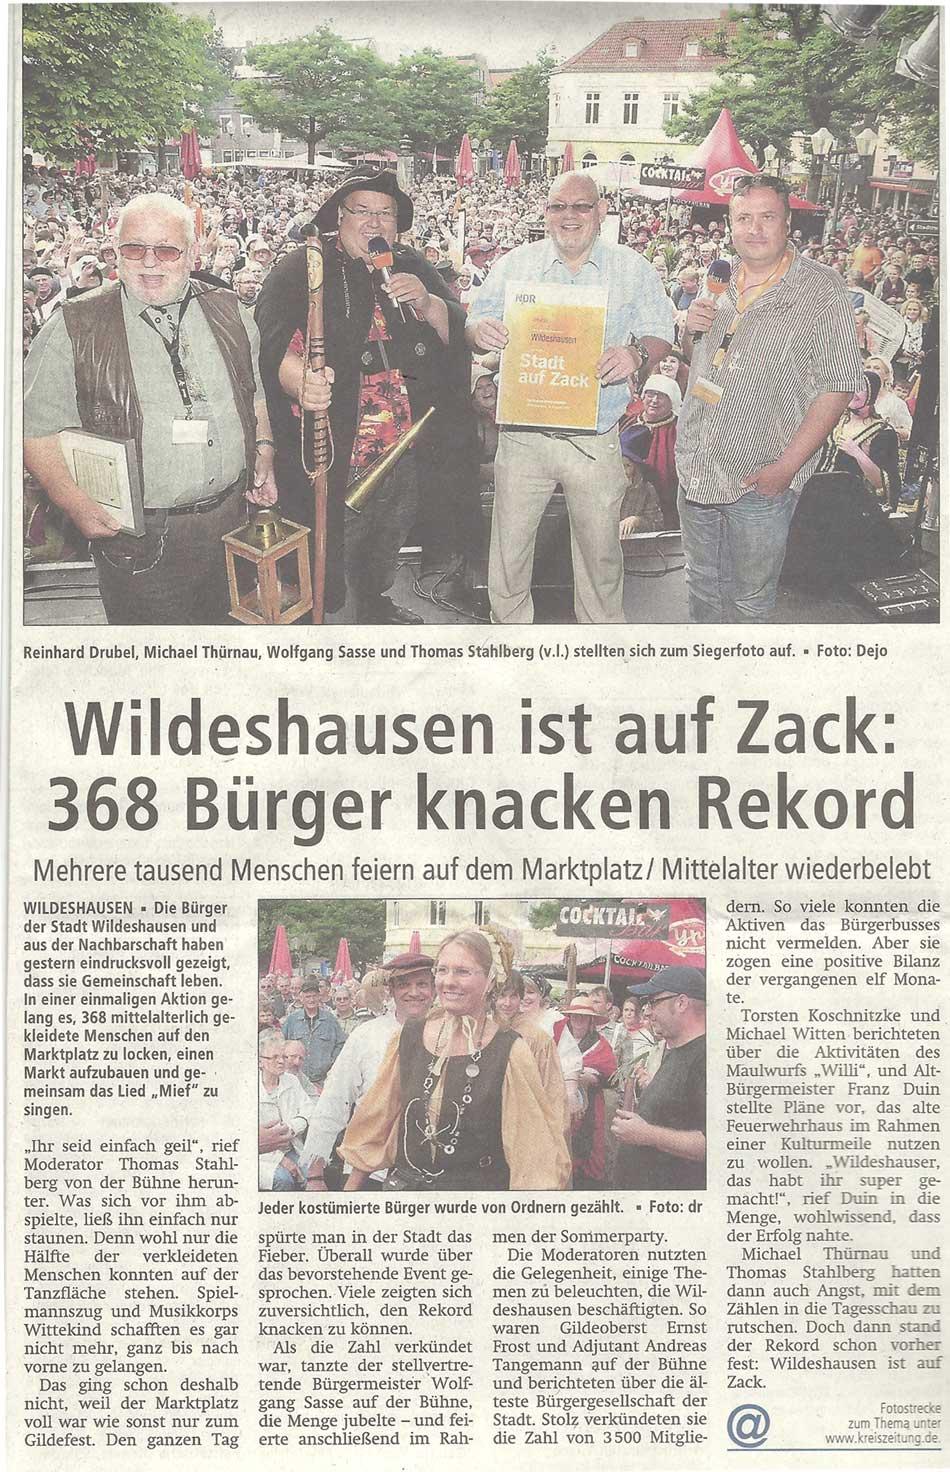 Wildeshausen ist auf Zack: 368 Bürger knacken RekordMehrere tausend Menschen feiern auf dem Marktplatz / Mittelalter wiederbelebtArtikel vom 10.08.2012 (WZ)